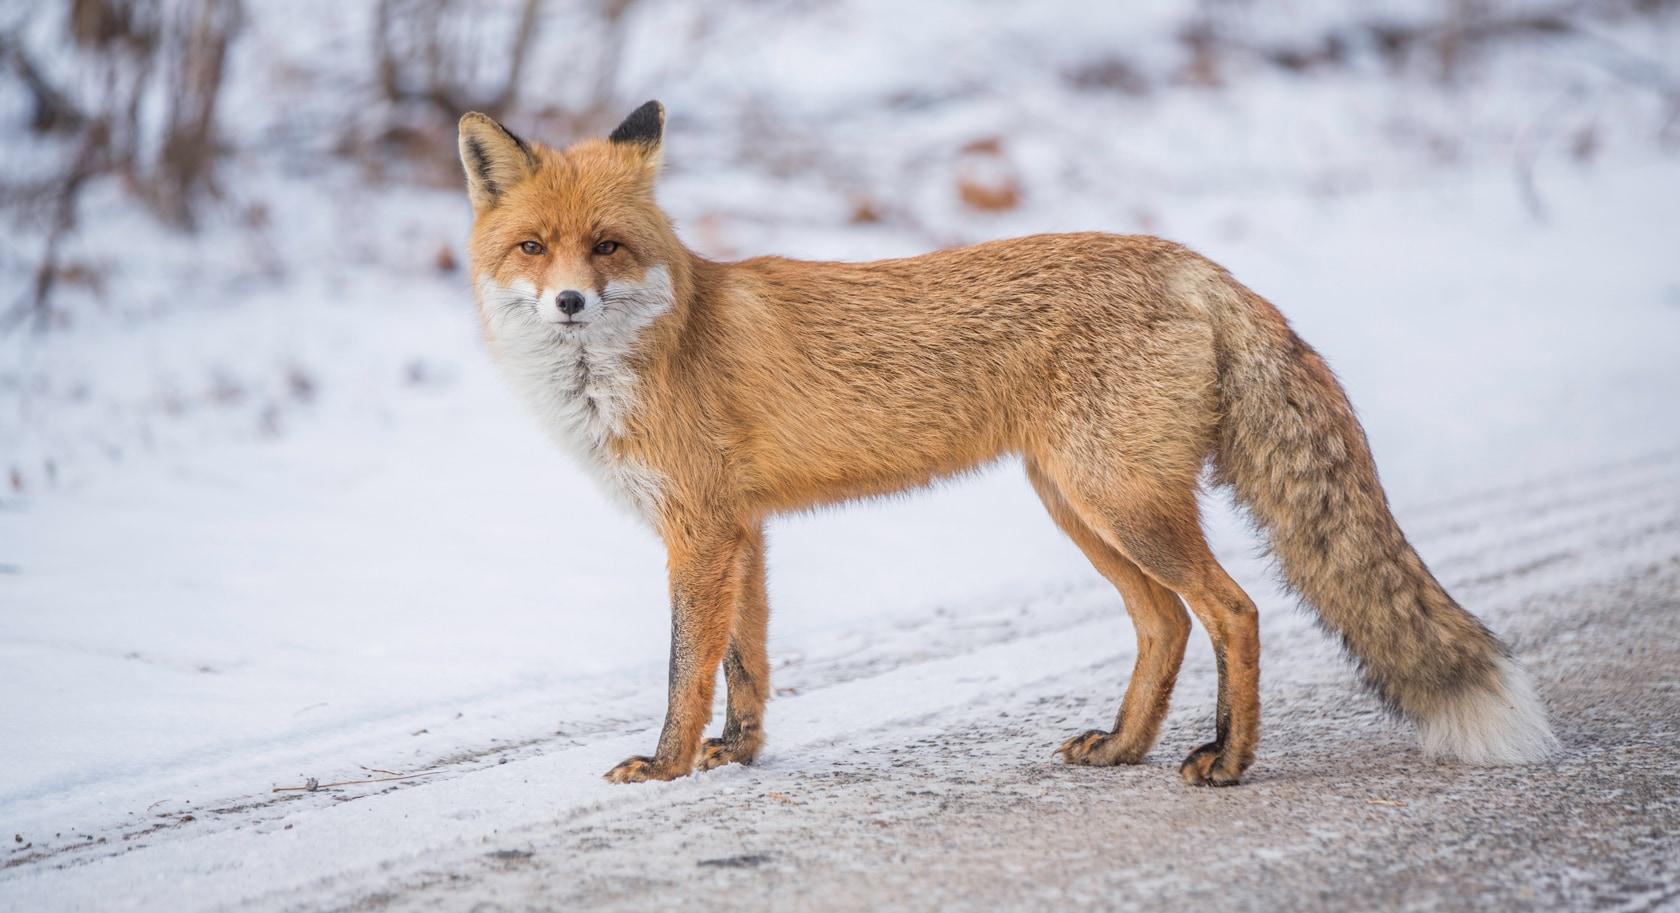 Matrimonio Tra Uomo E Animale : La vita animale prospera attorno a chernobyl focus